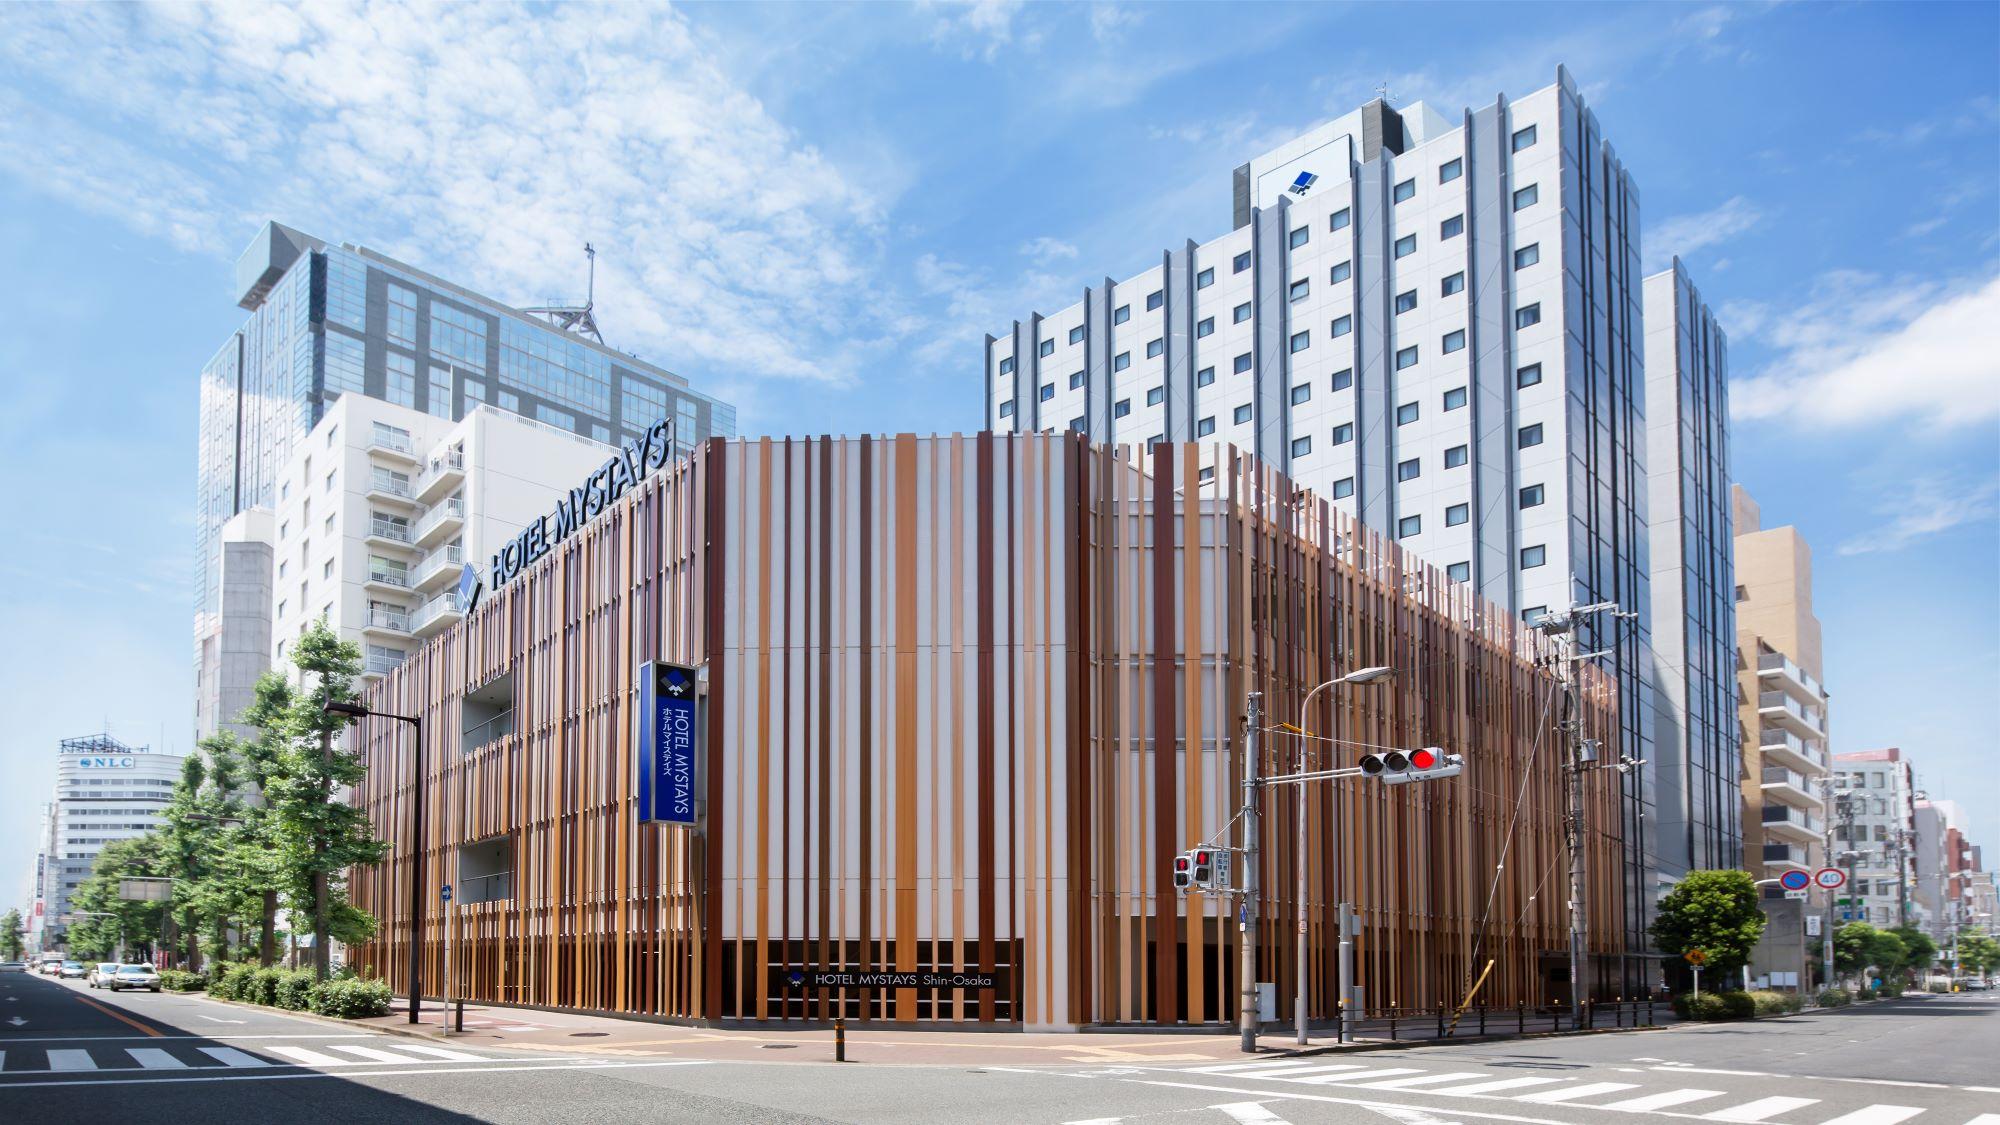 ホテルマイステイズ新大阪コンファレンスセンター image